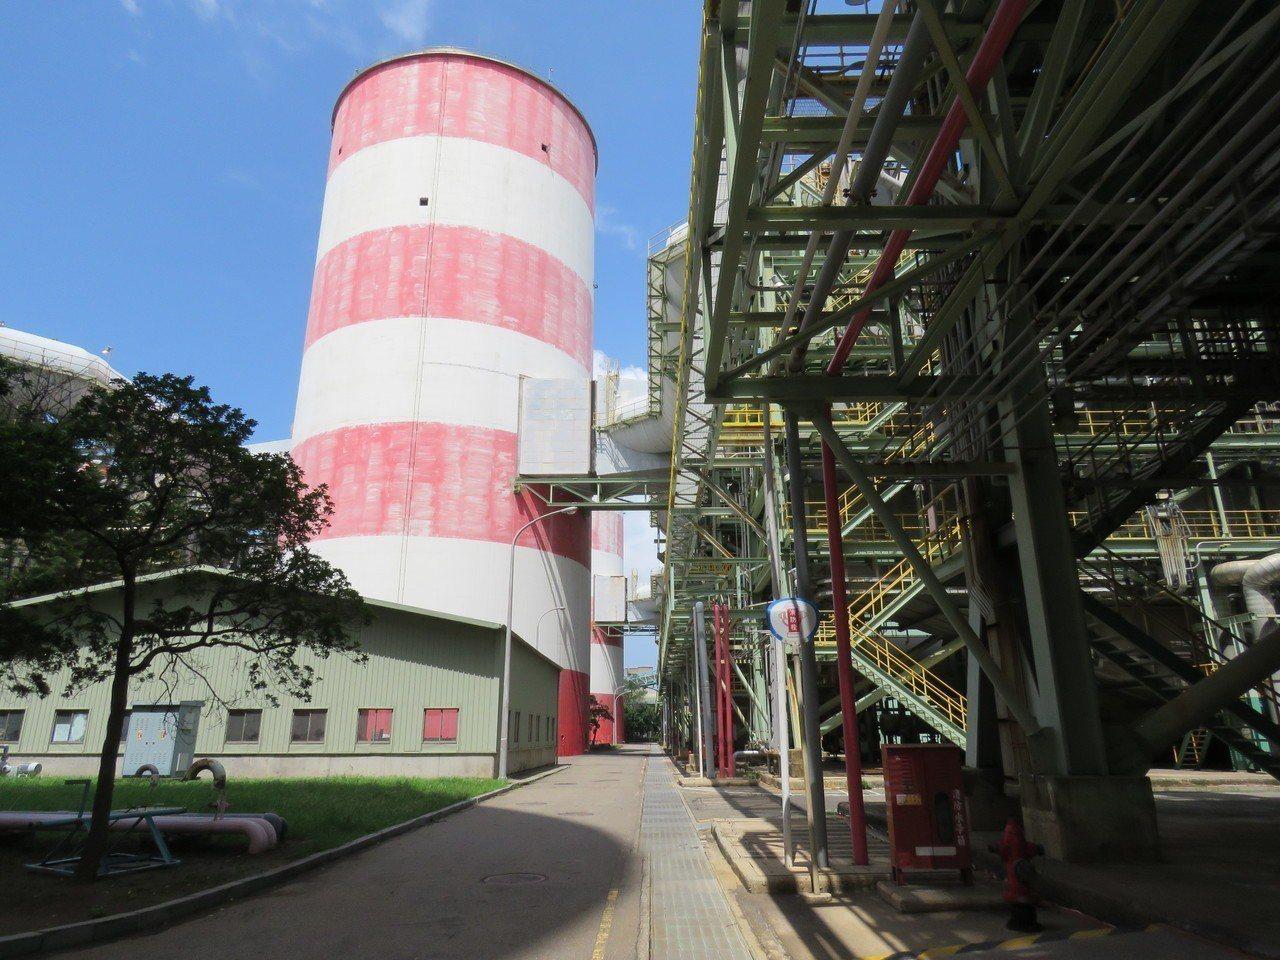 興達電廠燃氣機組排放管道,加強汙染減排。圖/高雄市環保局提供